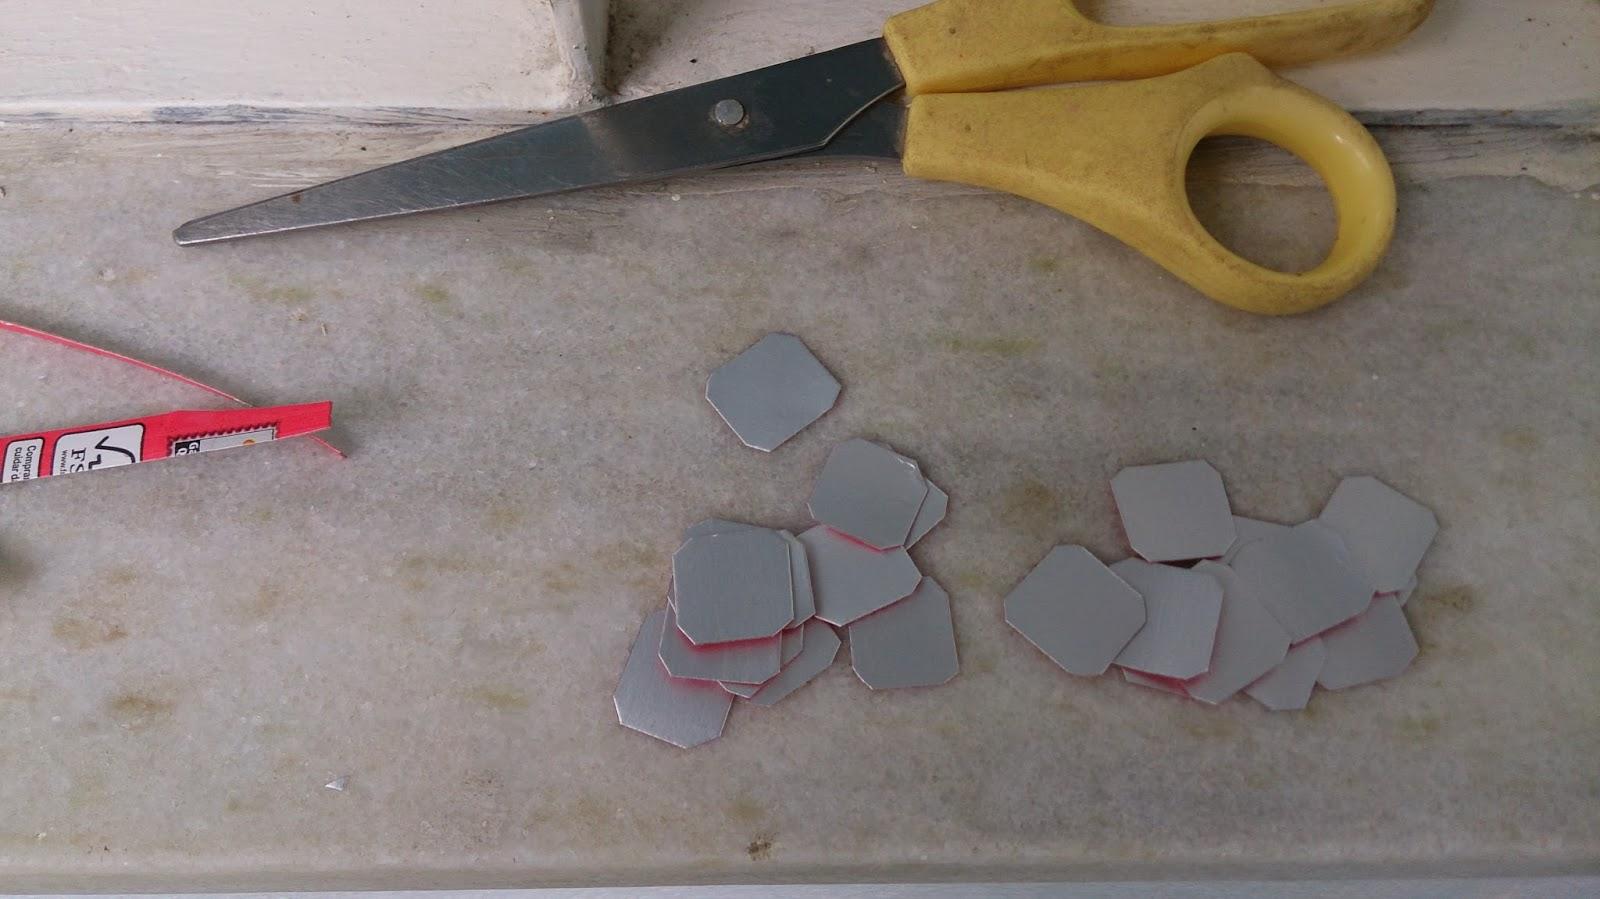 #A92238 Tela de Proteção Contra Insetos na Janela : Usando Anilhas Feitas de  1480 Telas De Proteção Contra Insetos Para Janelas